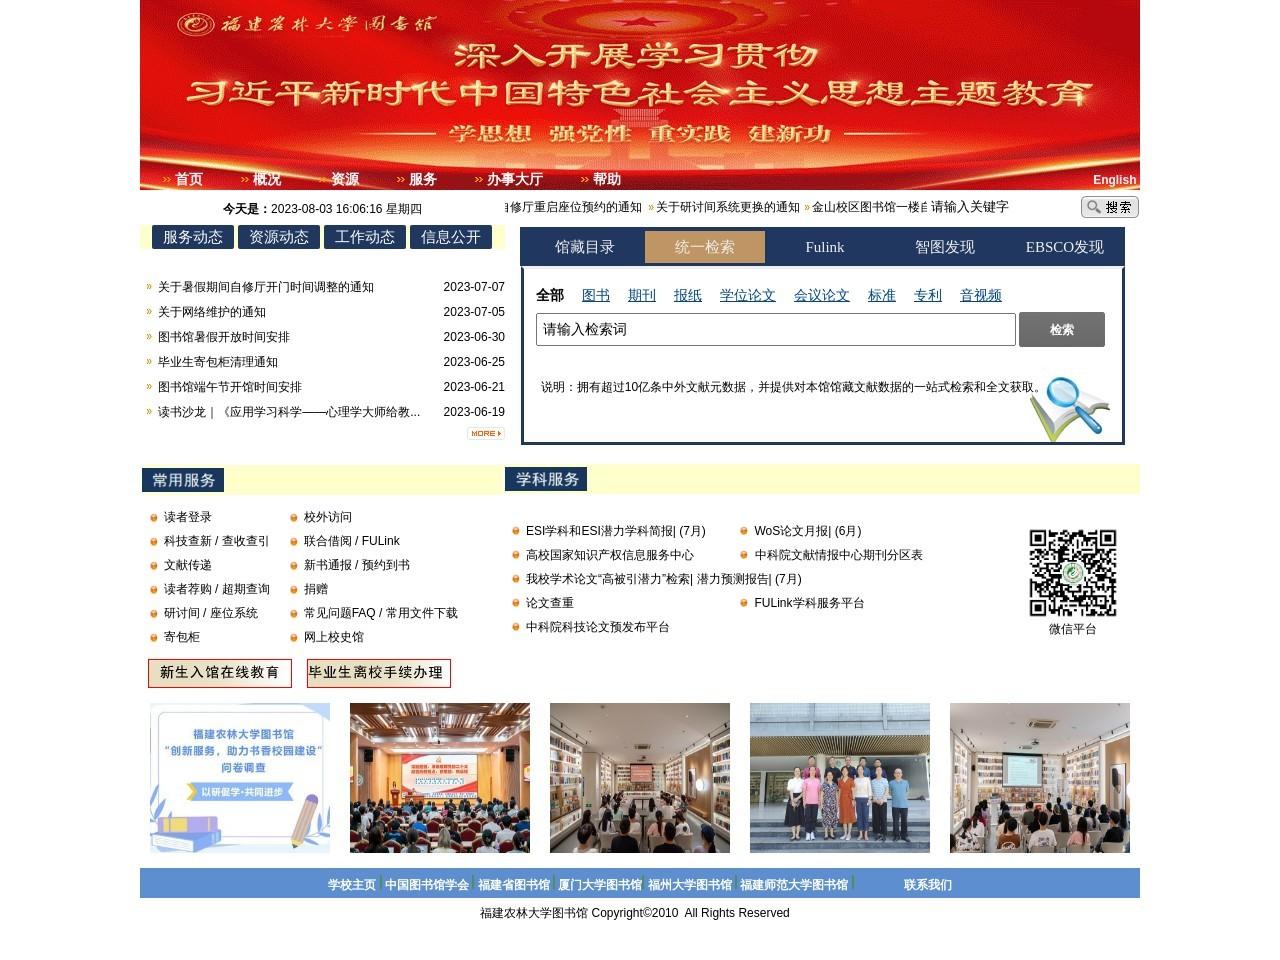 福建农林大学图书馆